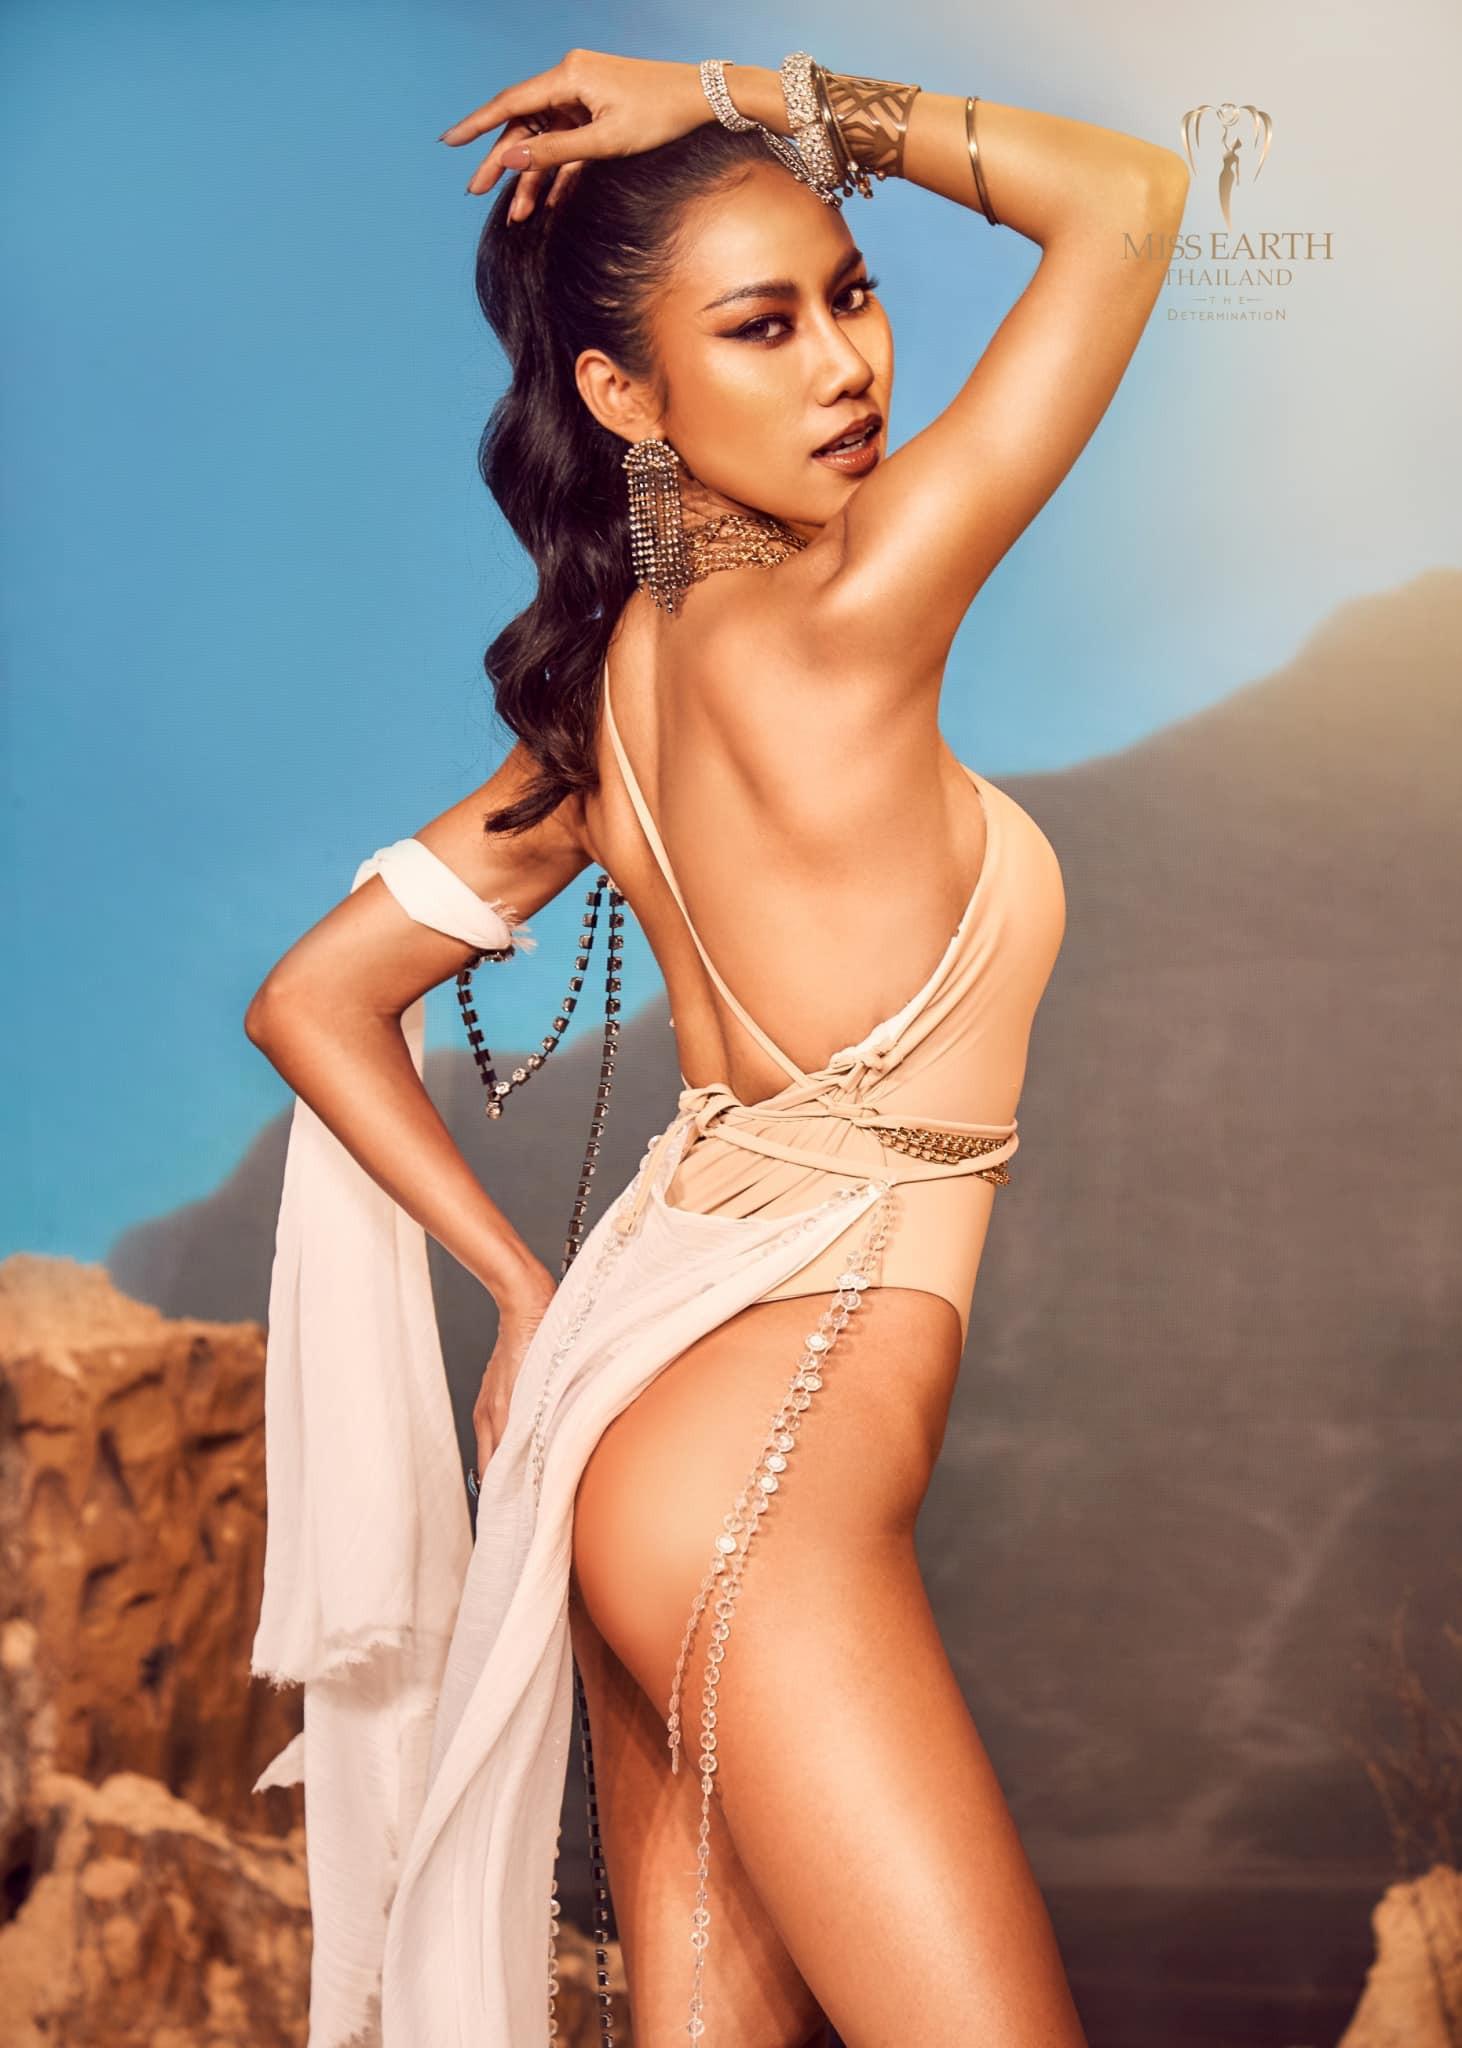 candidatas a miss earth thailand 2021. final: 25 sep. - Página 3 RN4N1e